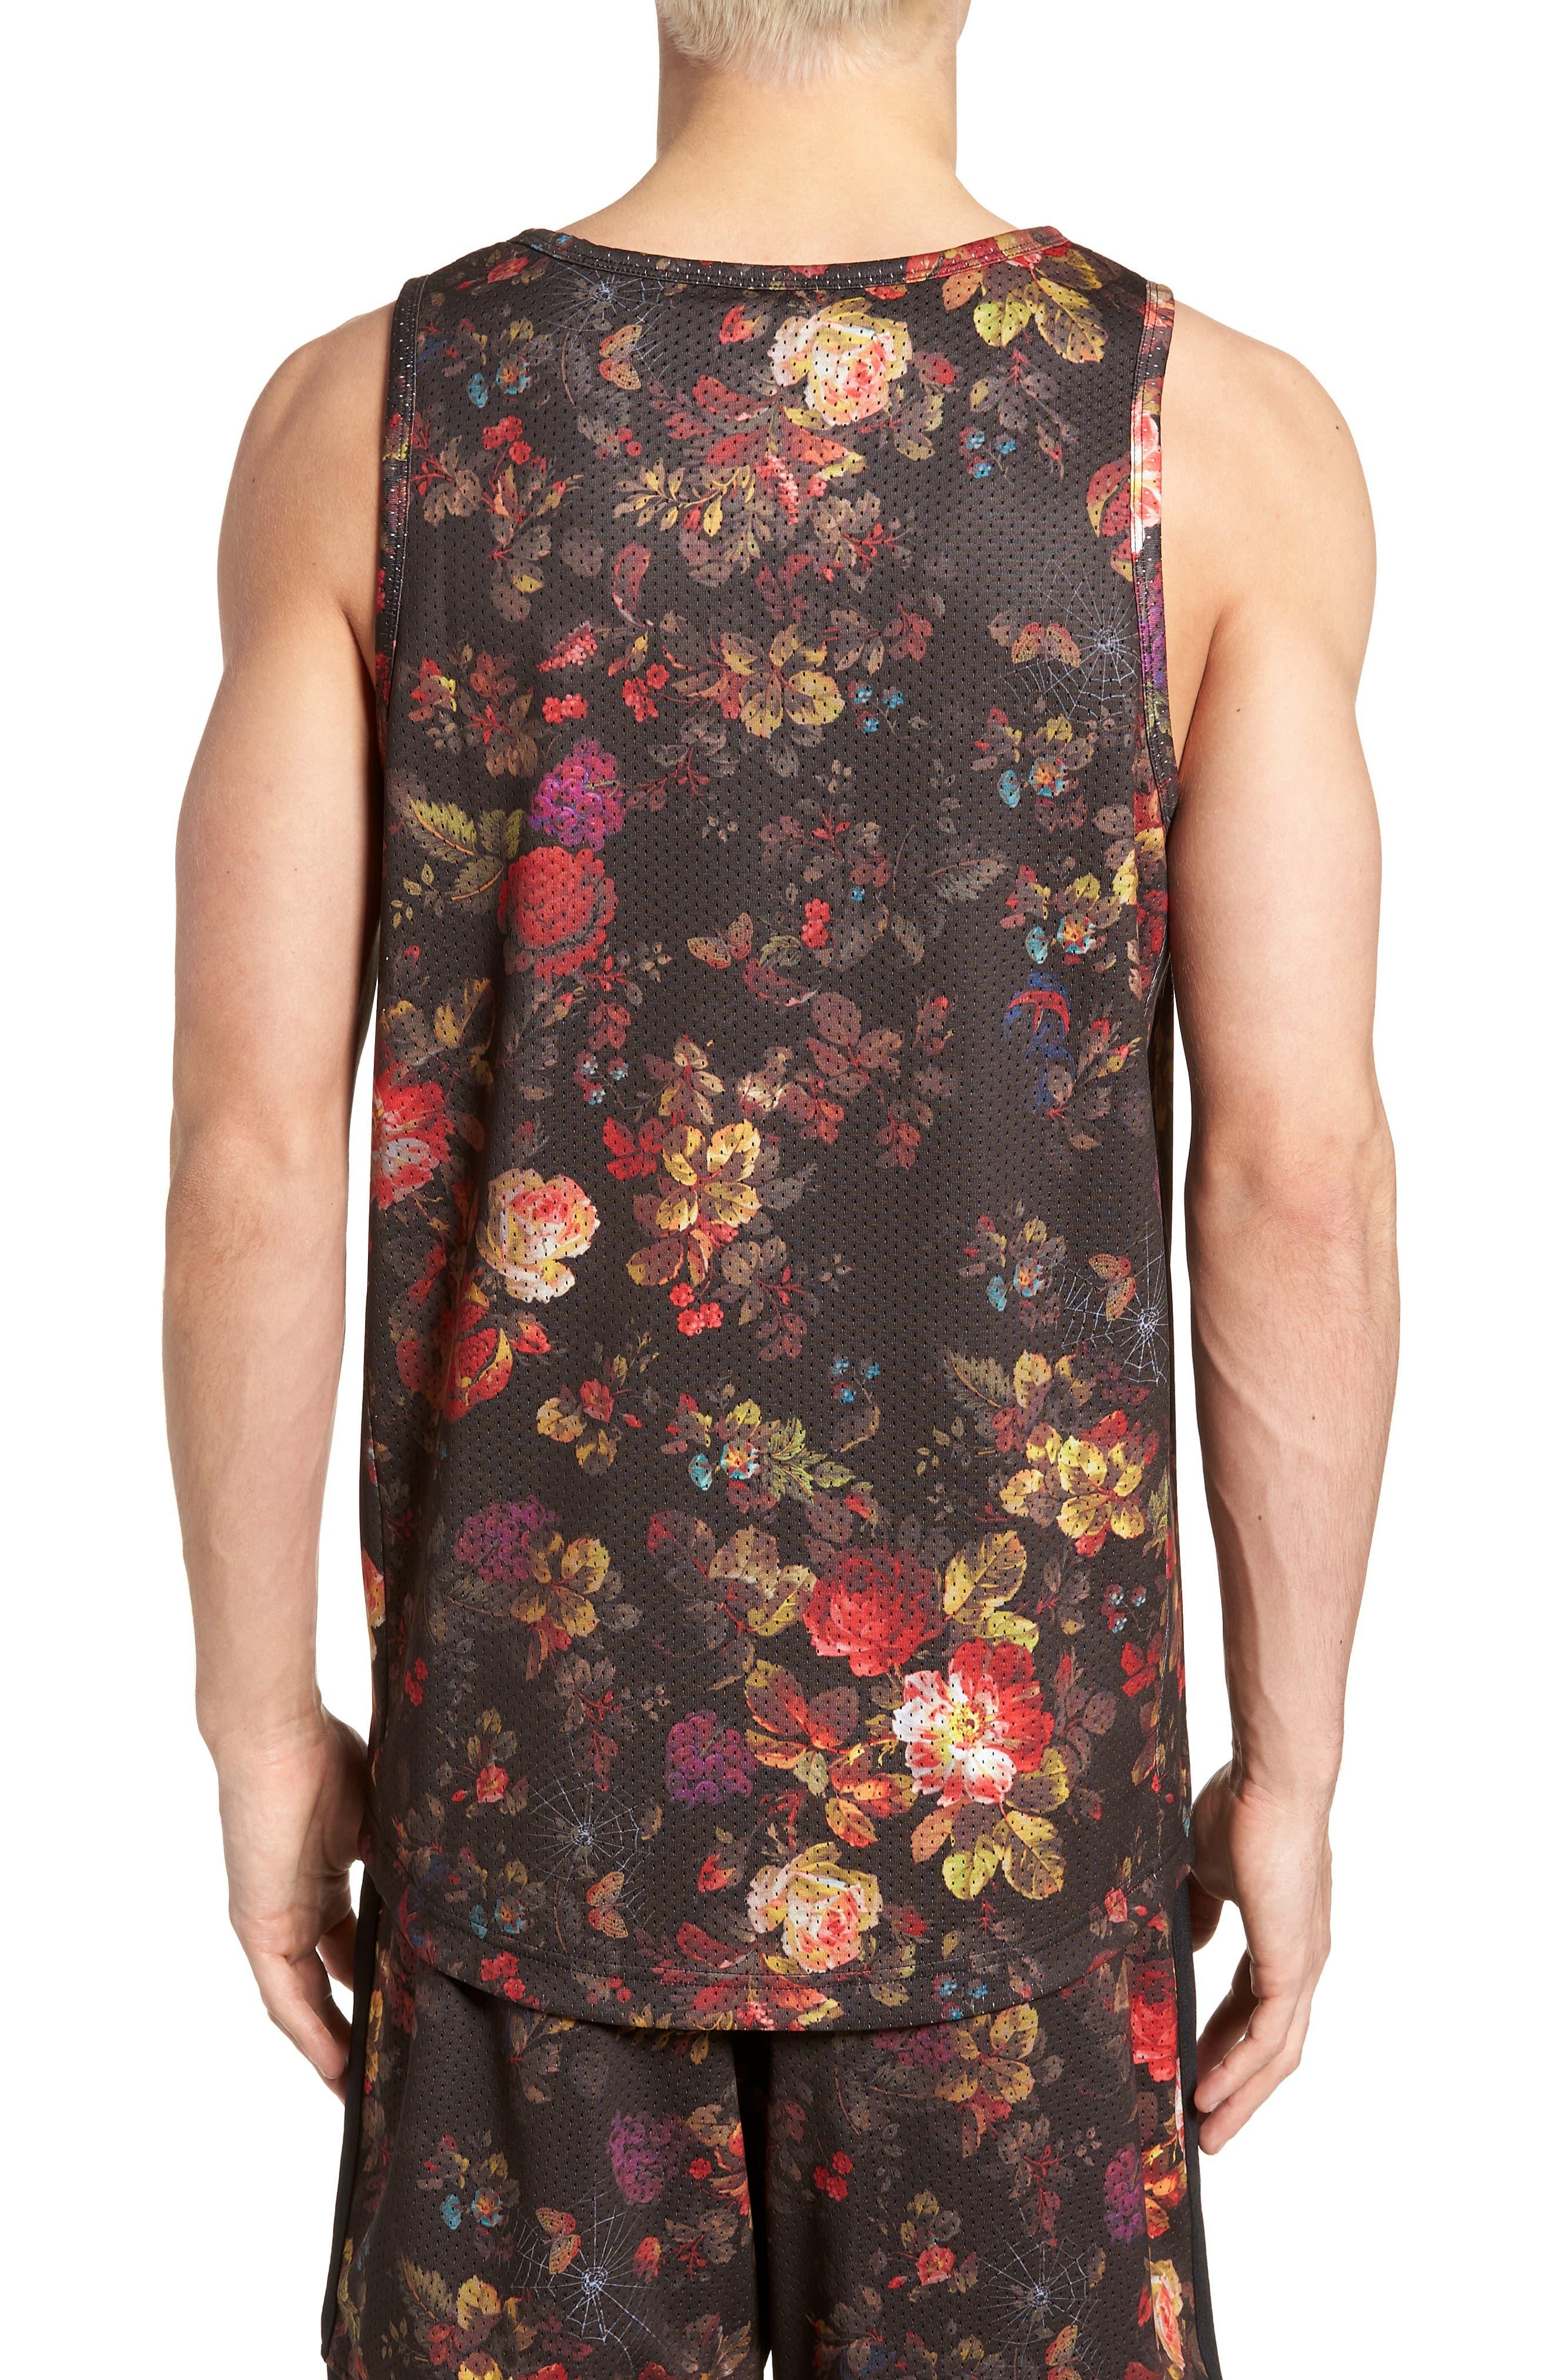 Nike Dry Reversible Floral Mesh Tank,                             Alternate thumbnail 3, color,                             BLACK/ WHITE